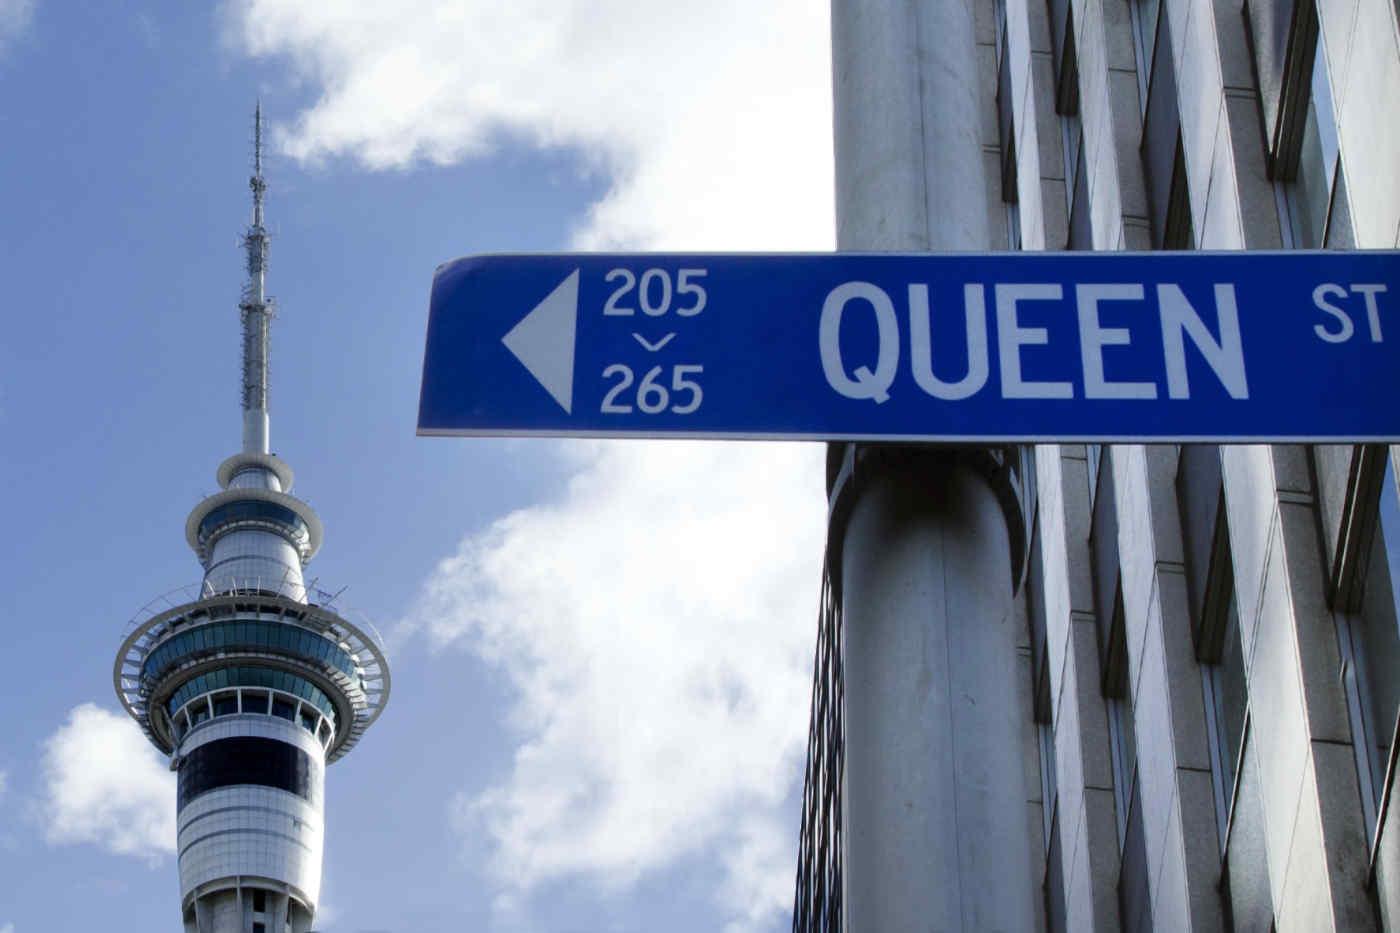 Queen Street • Auckland, New Zealand